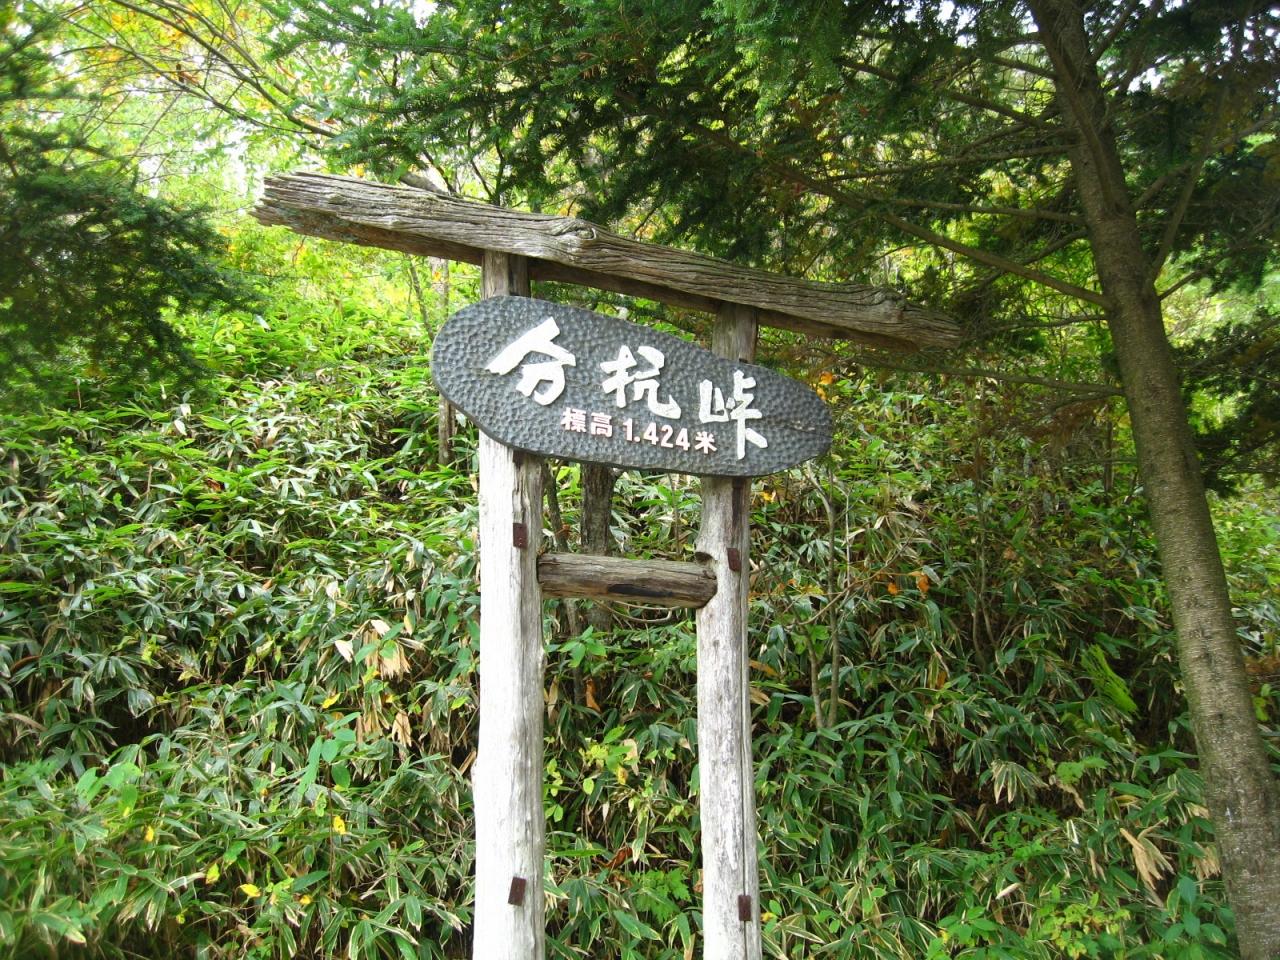 日本三大パワースポット ゼロ磁場で有名分杭峠 気場へ挑む伊那